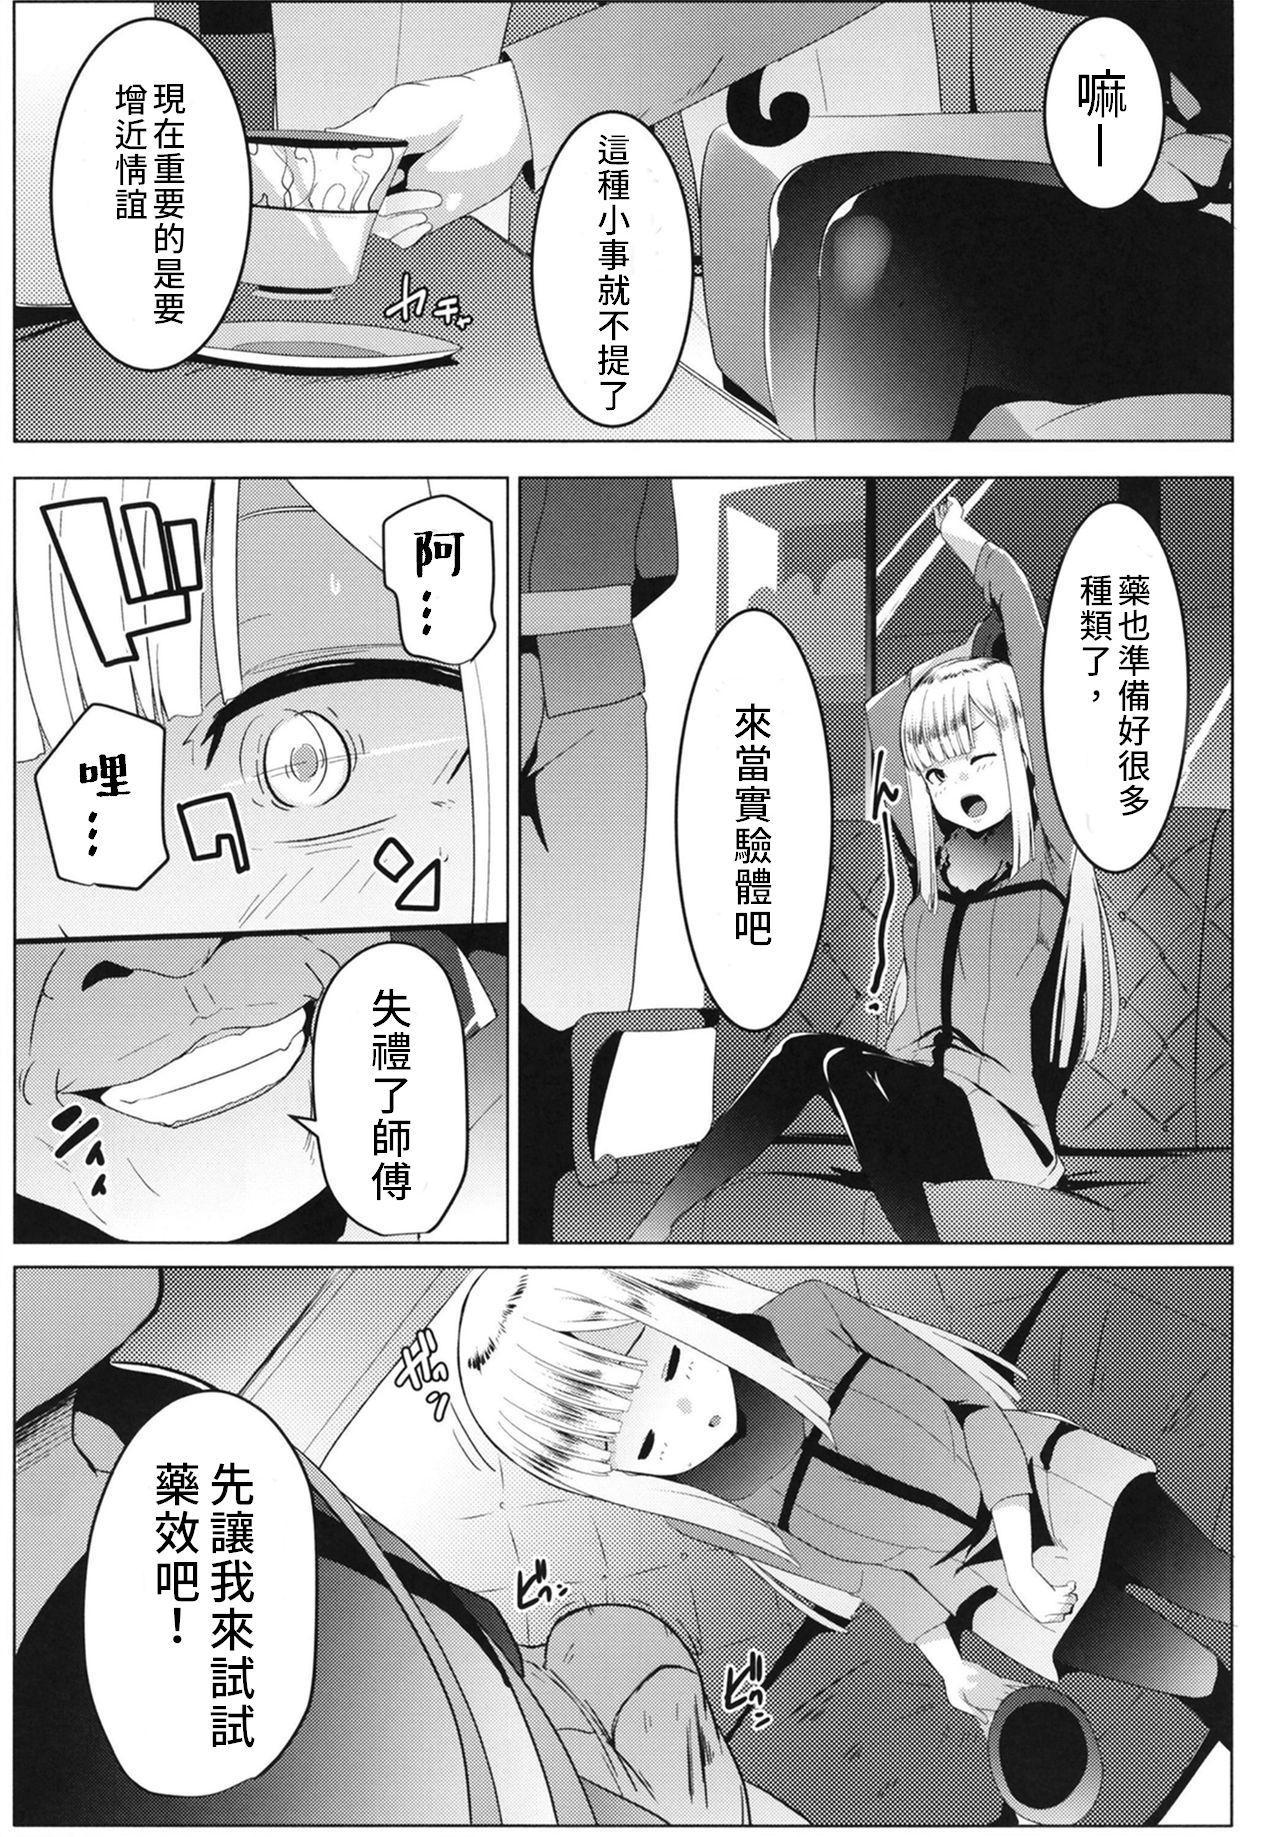 Neoki no Shishou wa Tonikaku Eroi | 剛睡起的師傅就是H 7